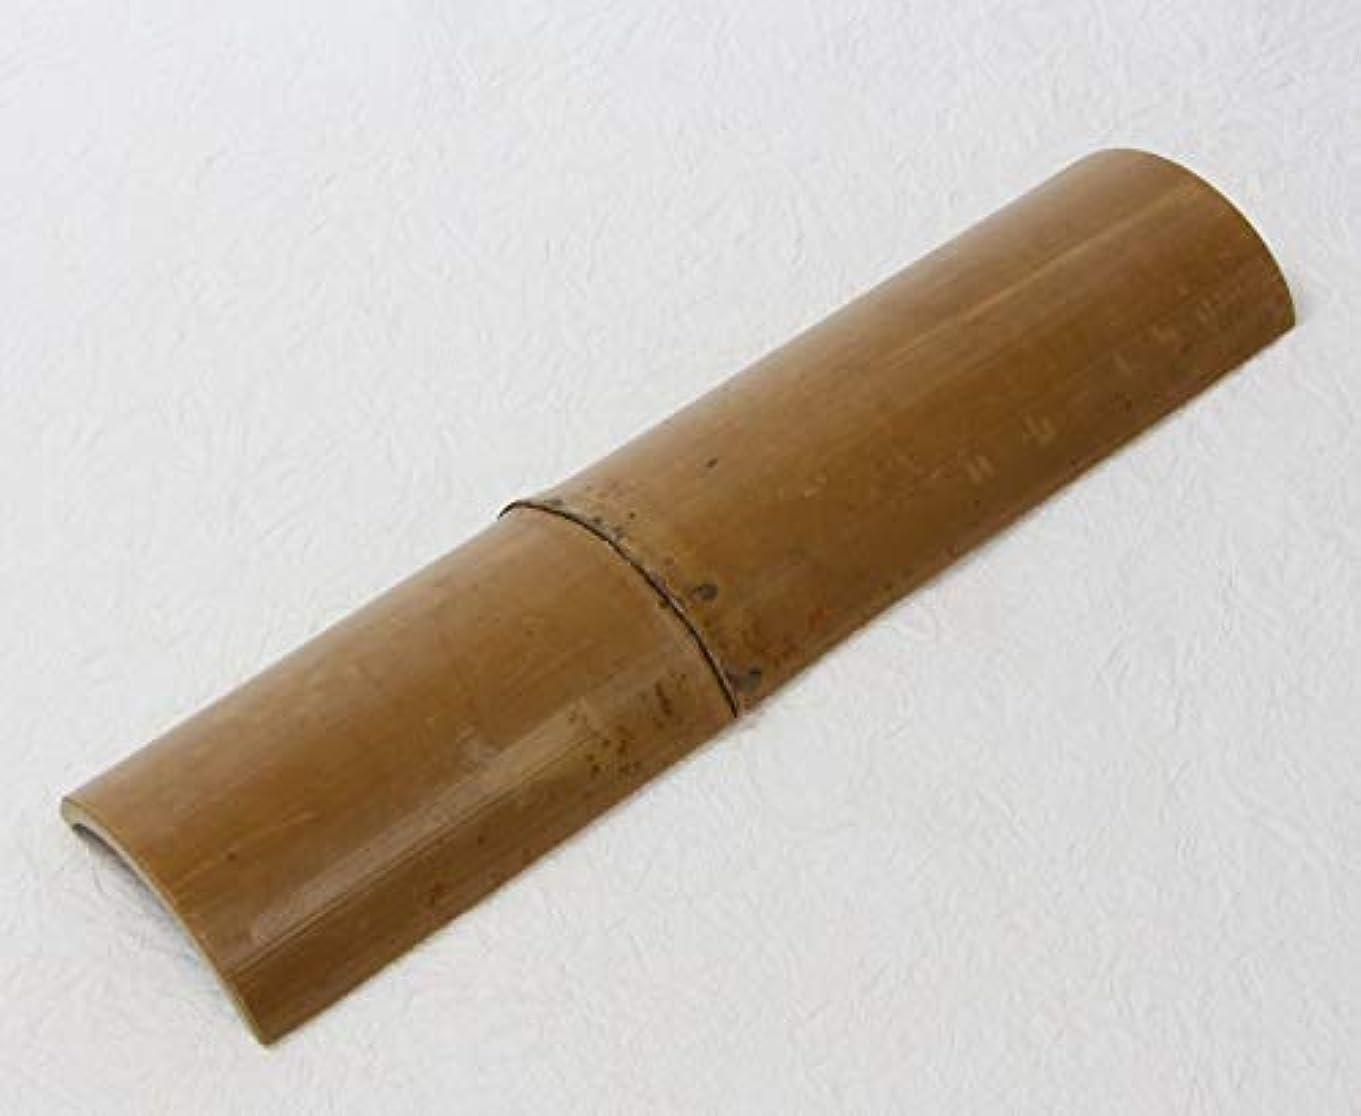 ガム教える学校の先生竹細工 「炭化竹?踏み竹40cm」